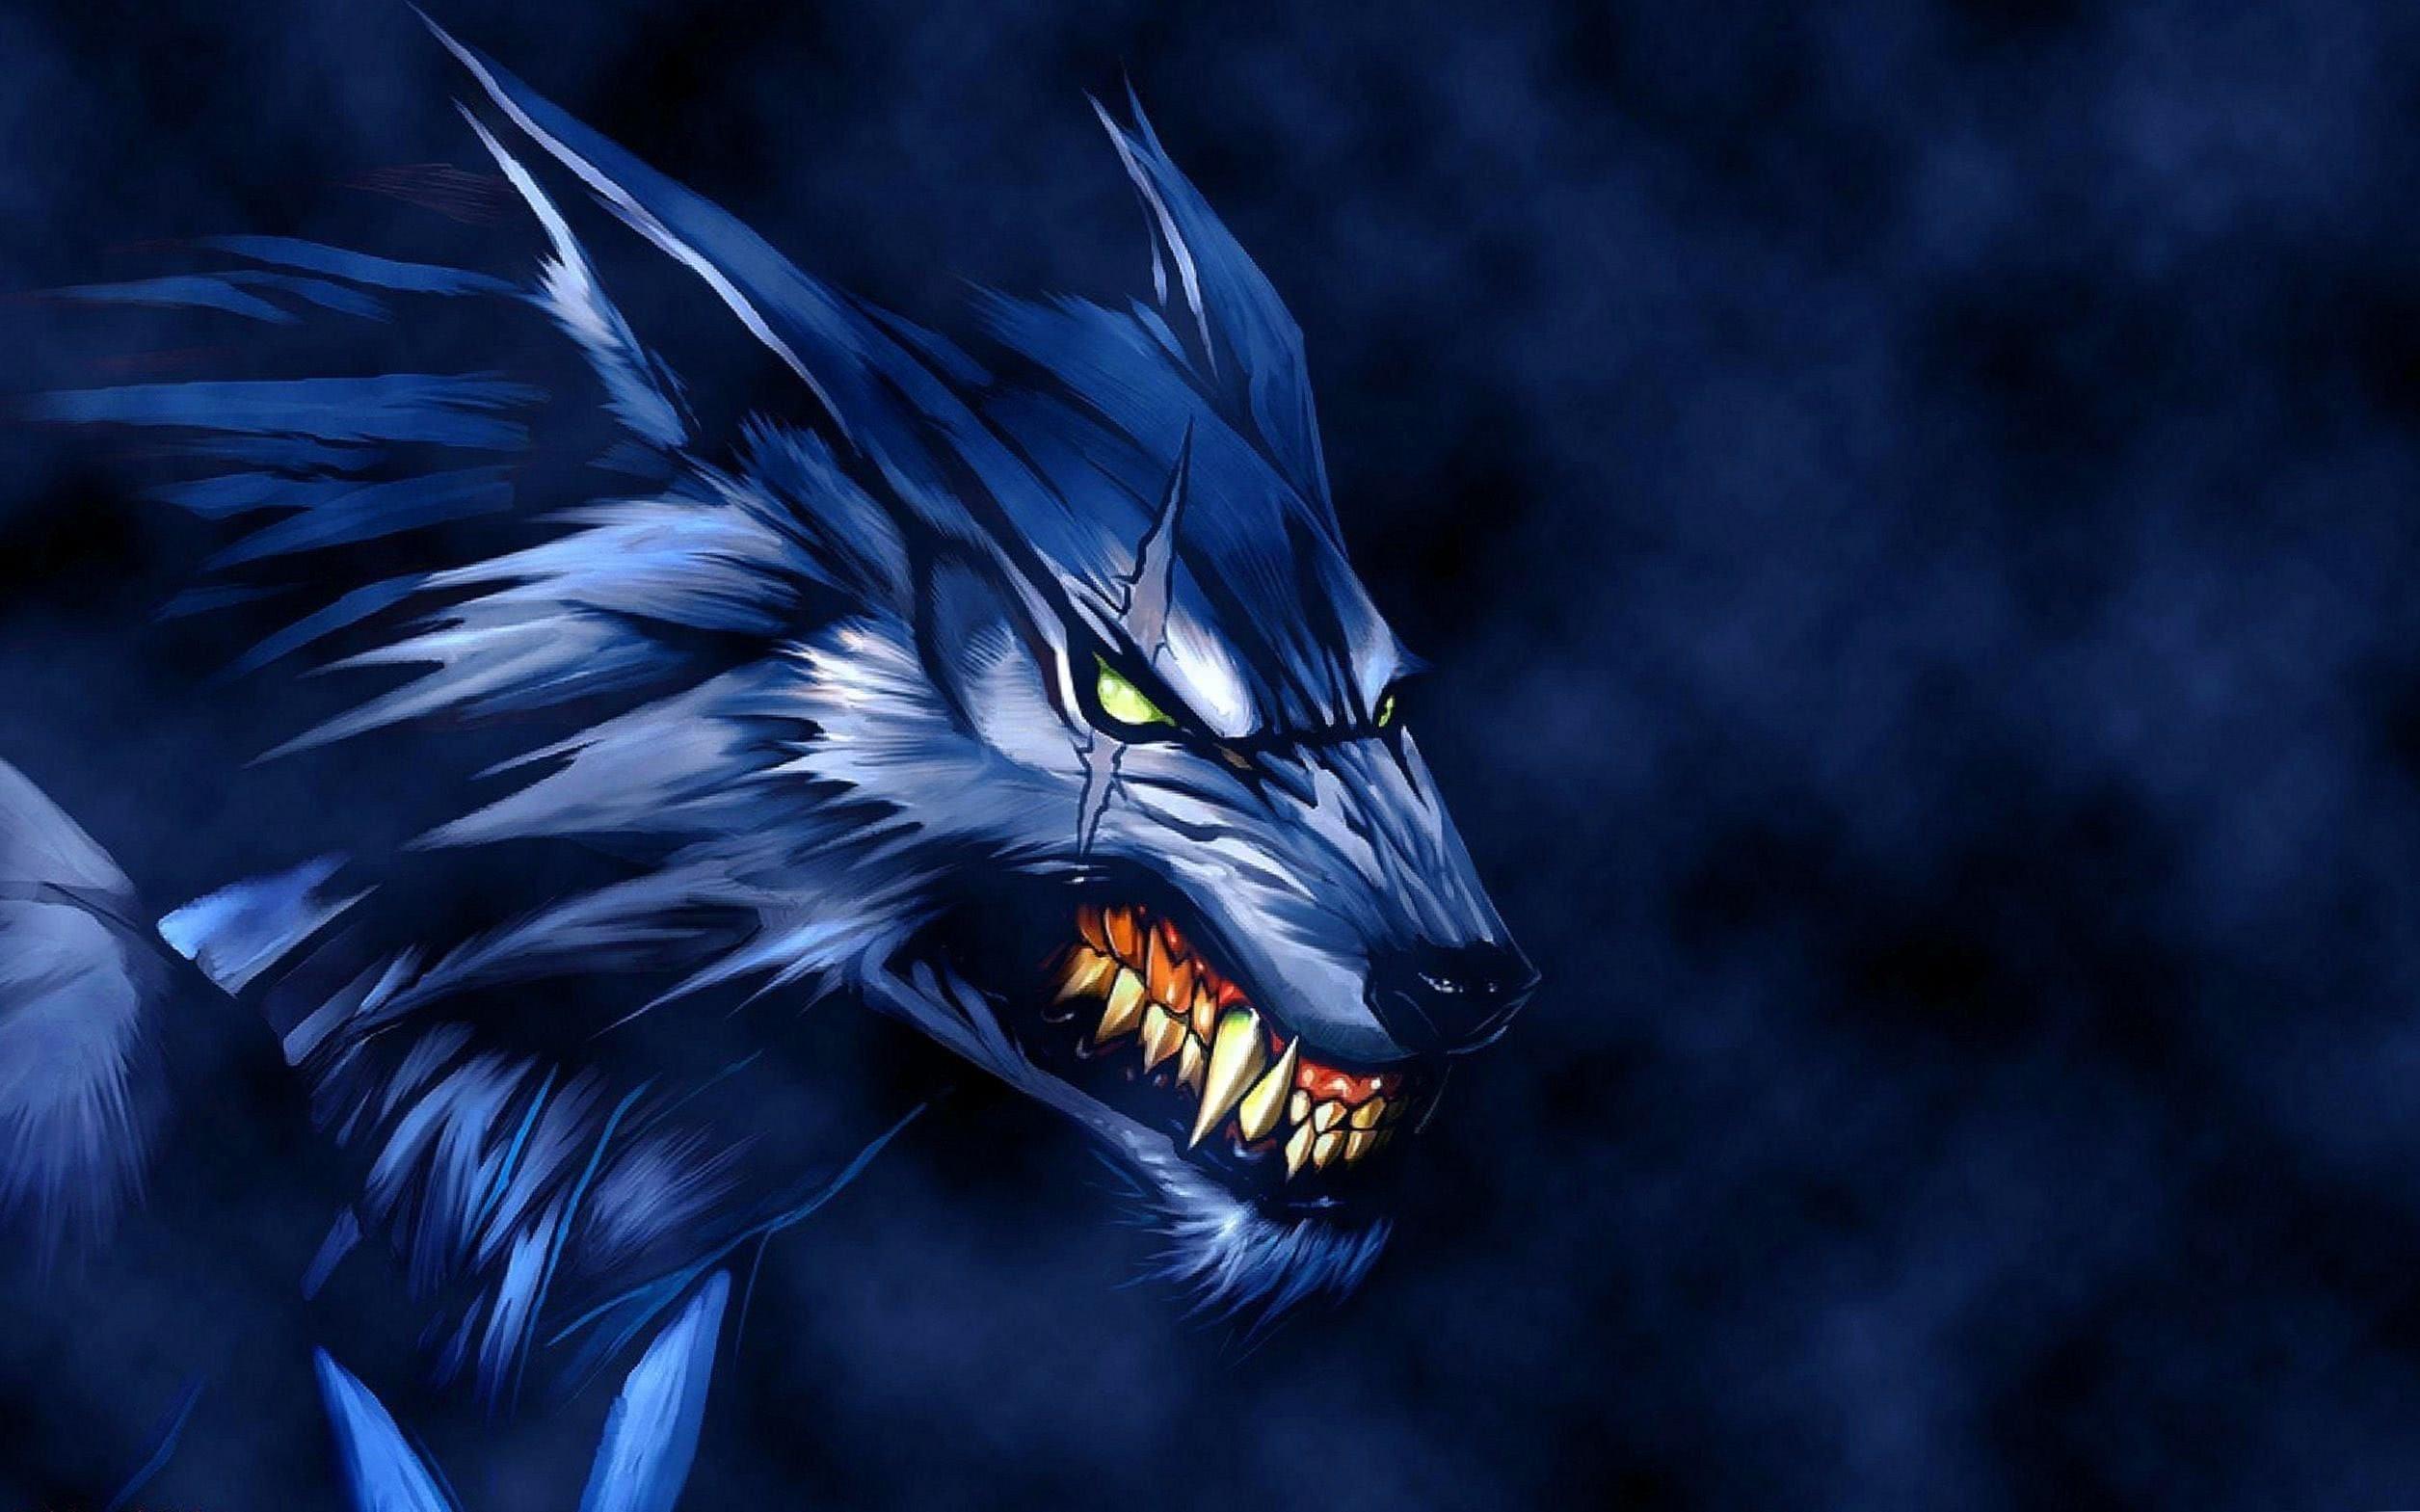 Dark Werewolf Wallpaper HD